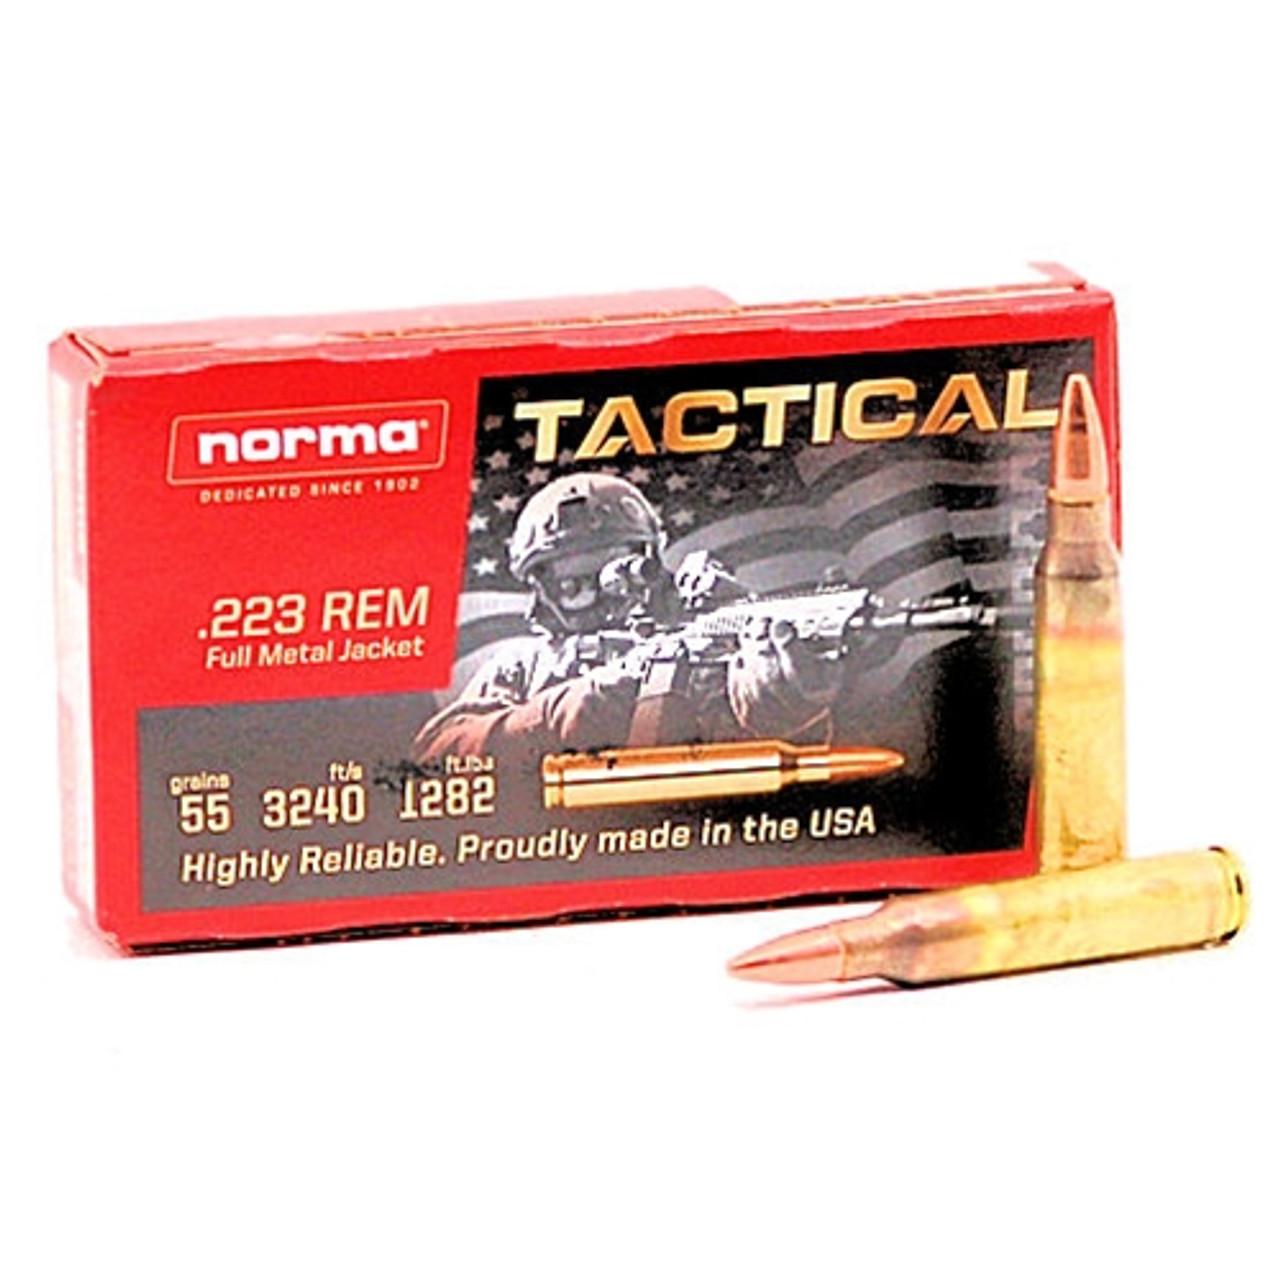 Norma .223 Remington 55 grain FMJ Tactical 871004009982